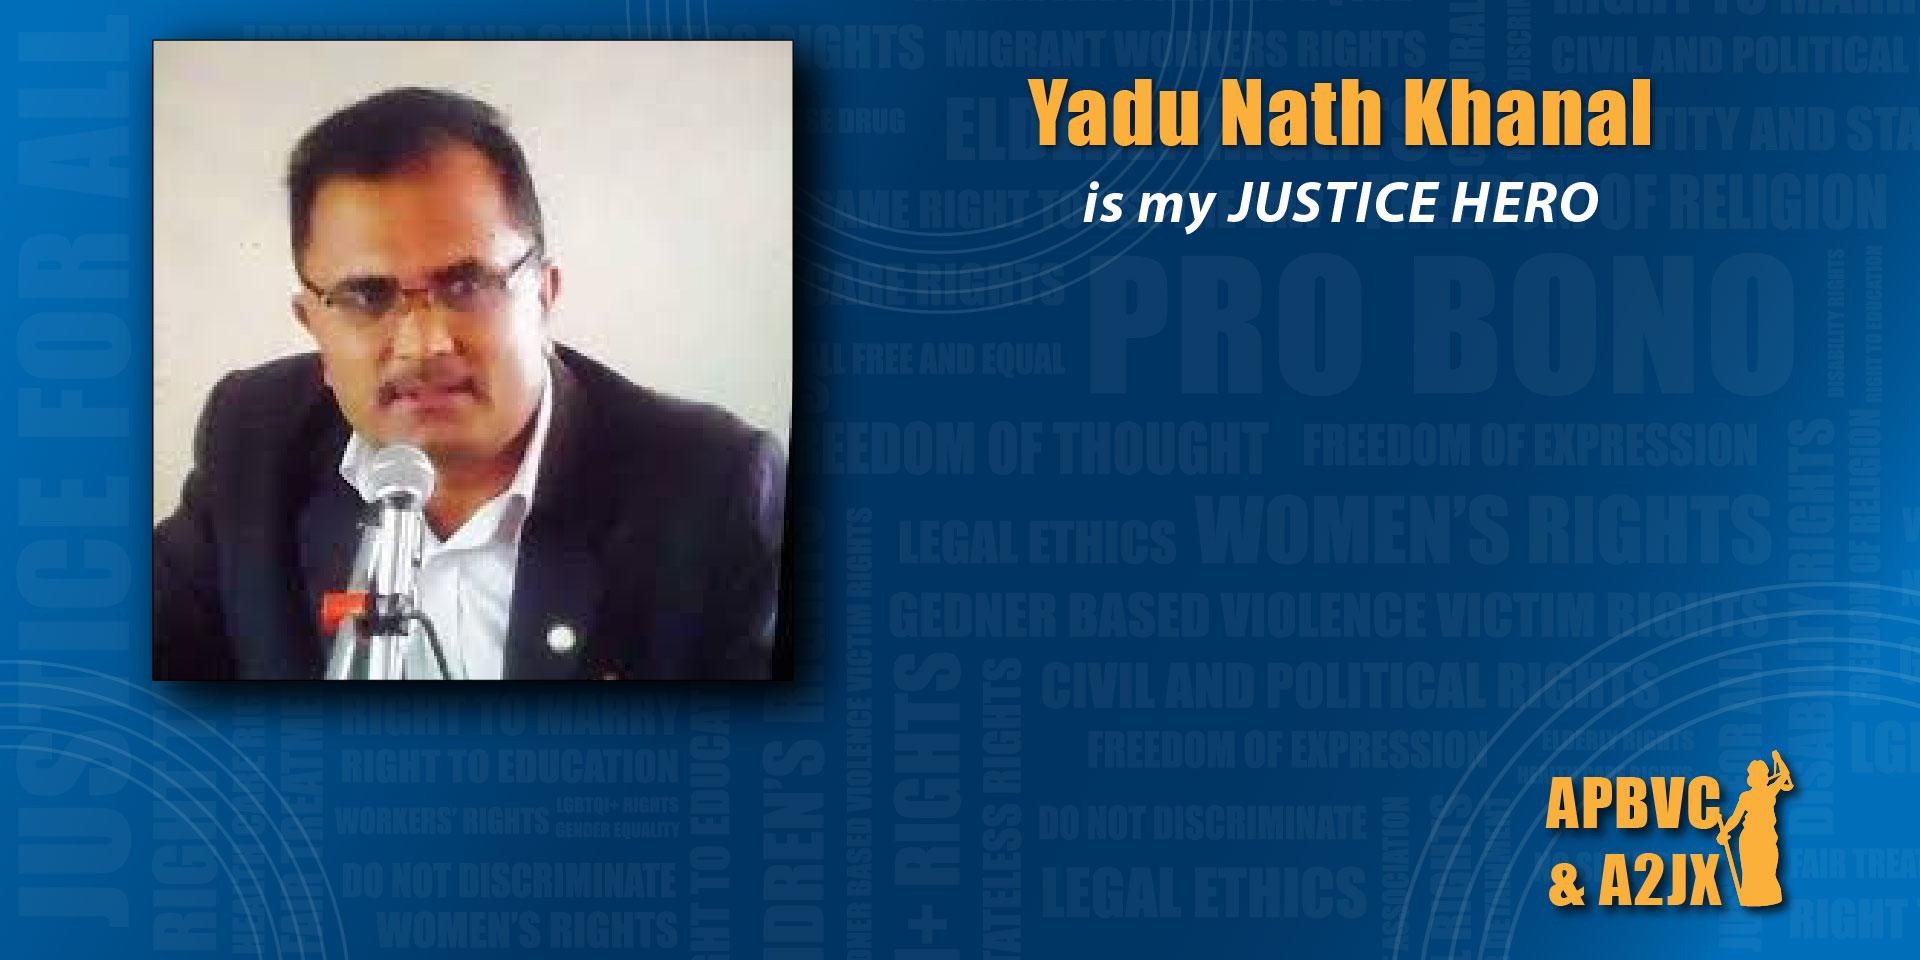 Yadu Nath Khanal